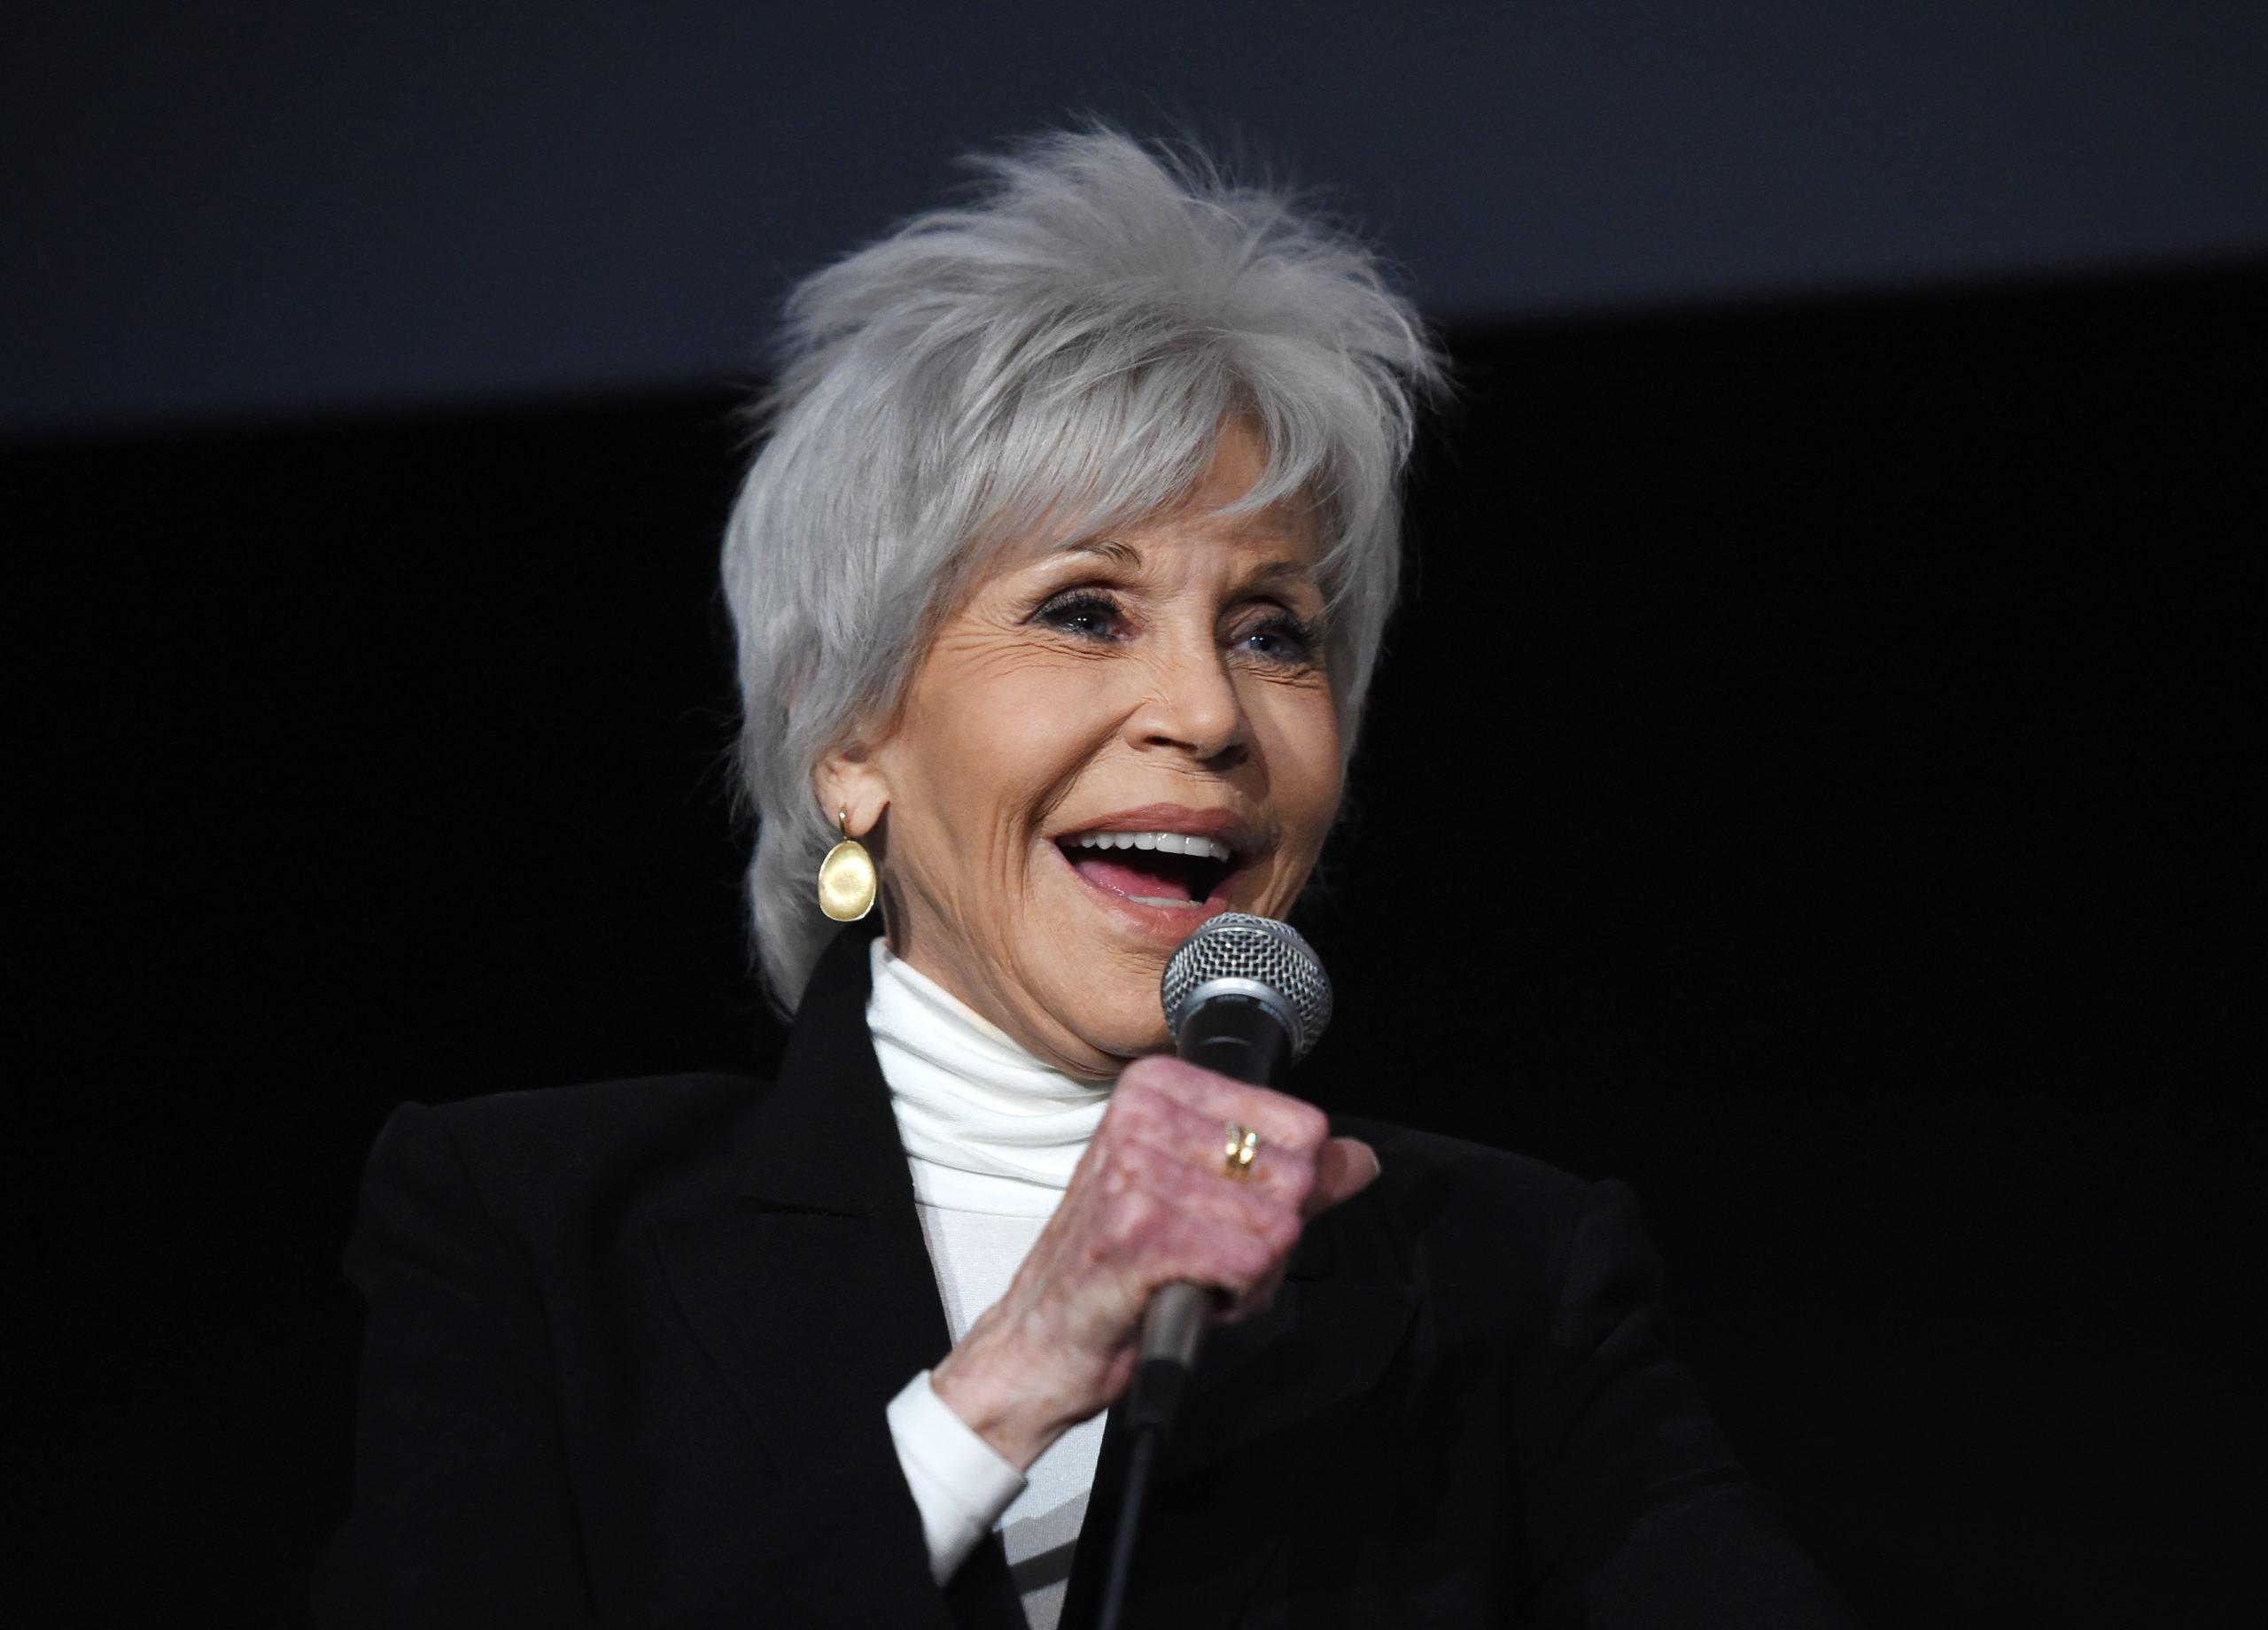 Jane Fonda odavan a divatért